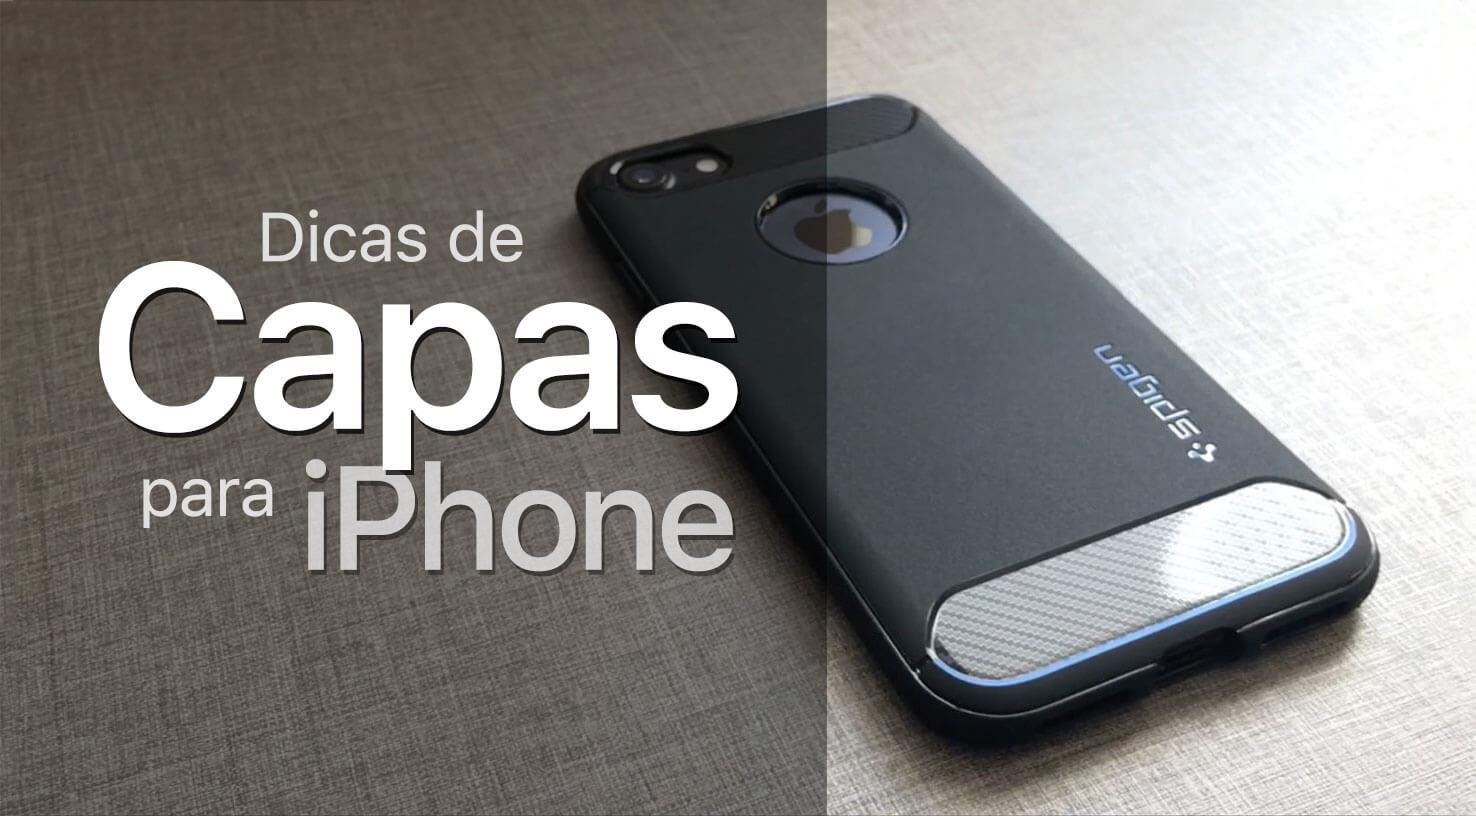 d6c0002e7d2 Confira ótimas opções de capas para o seu iPhone (+ cupom de desconto)